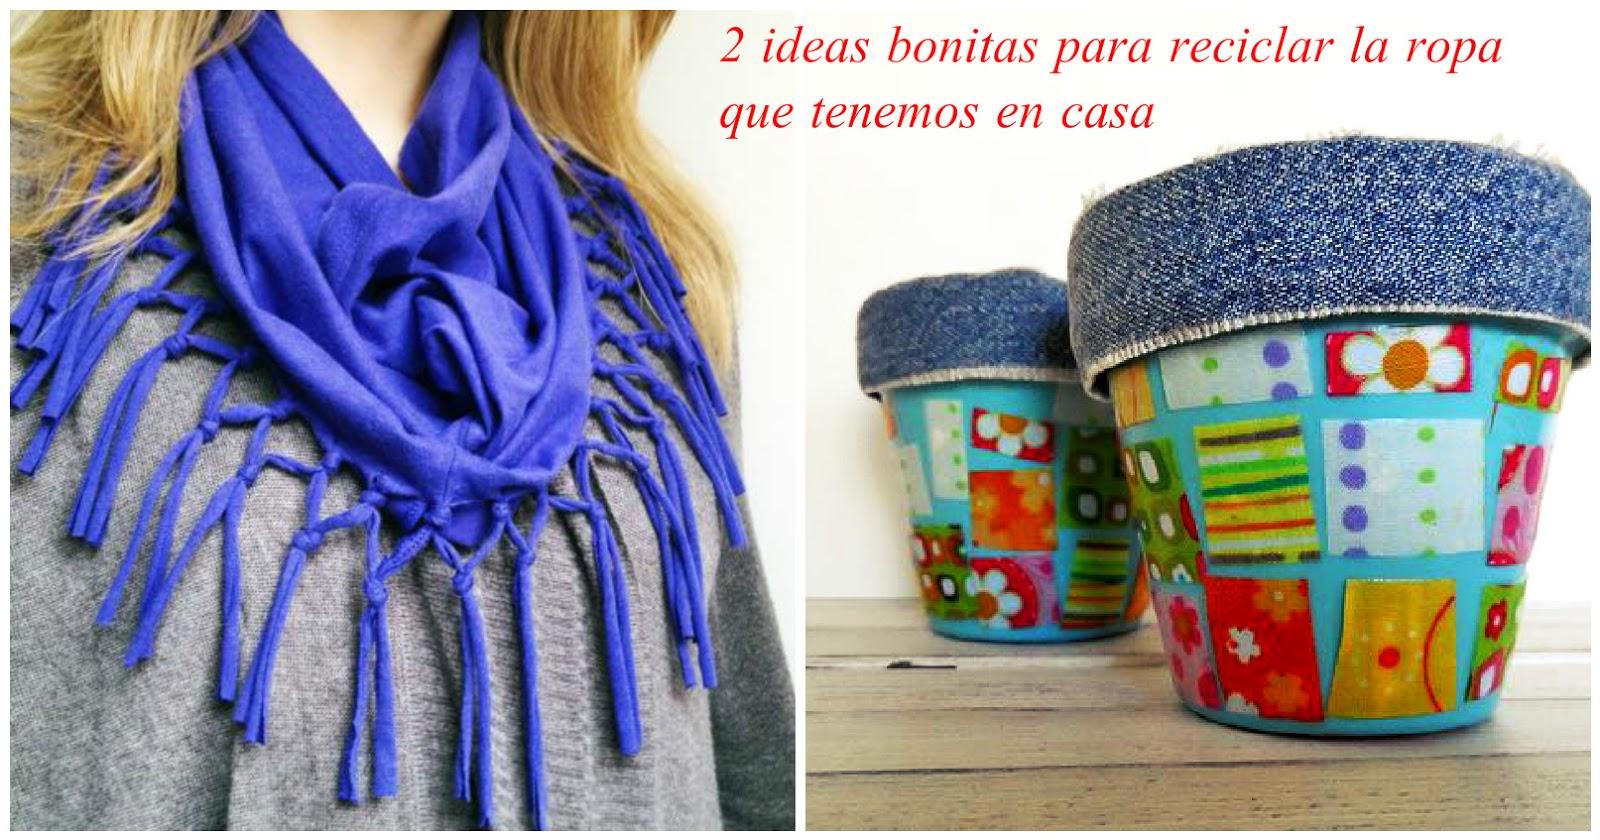 2 ideas bonitas para reciclar la ropa que tenemos en casa